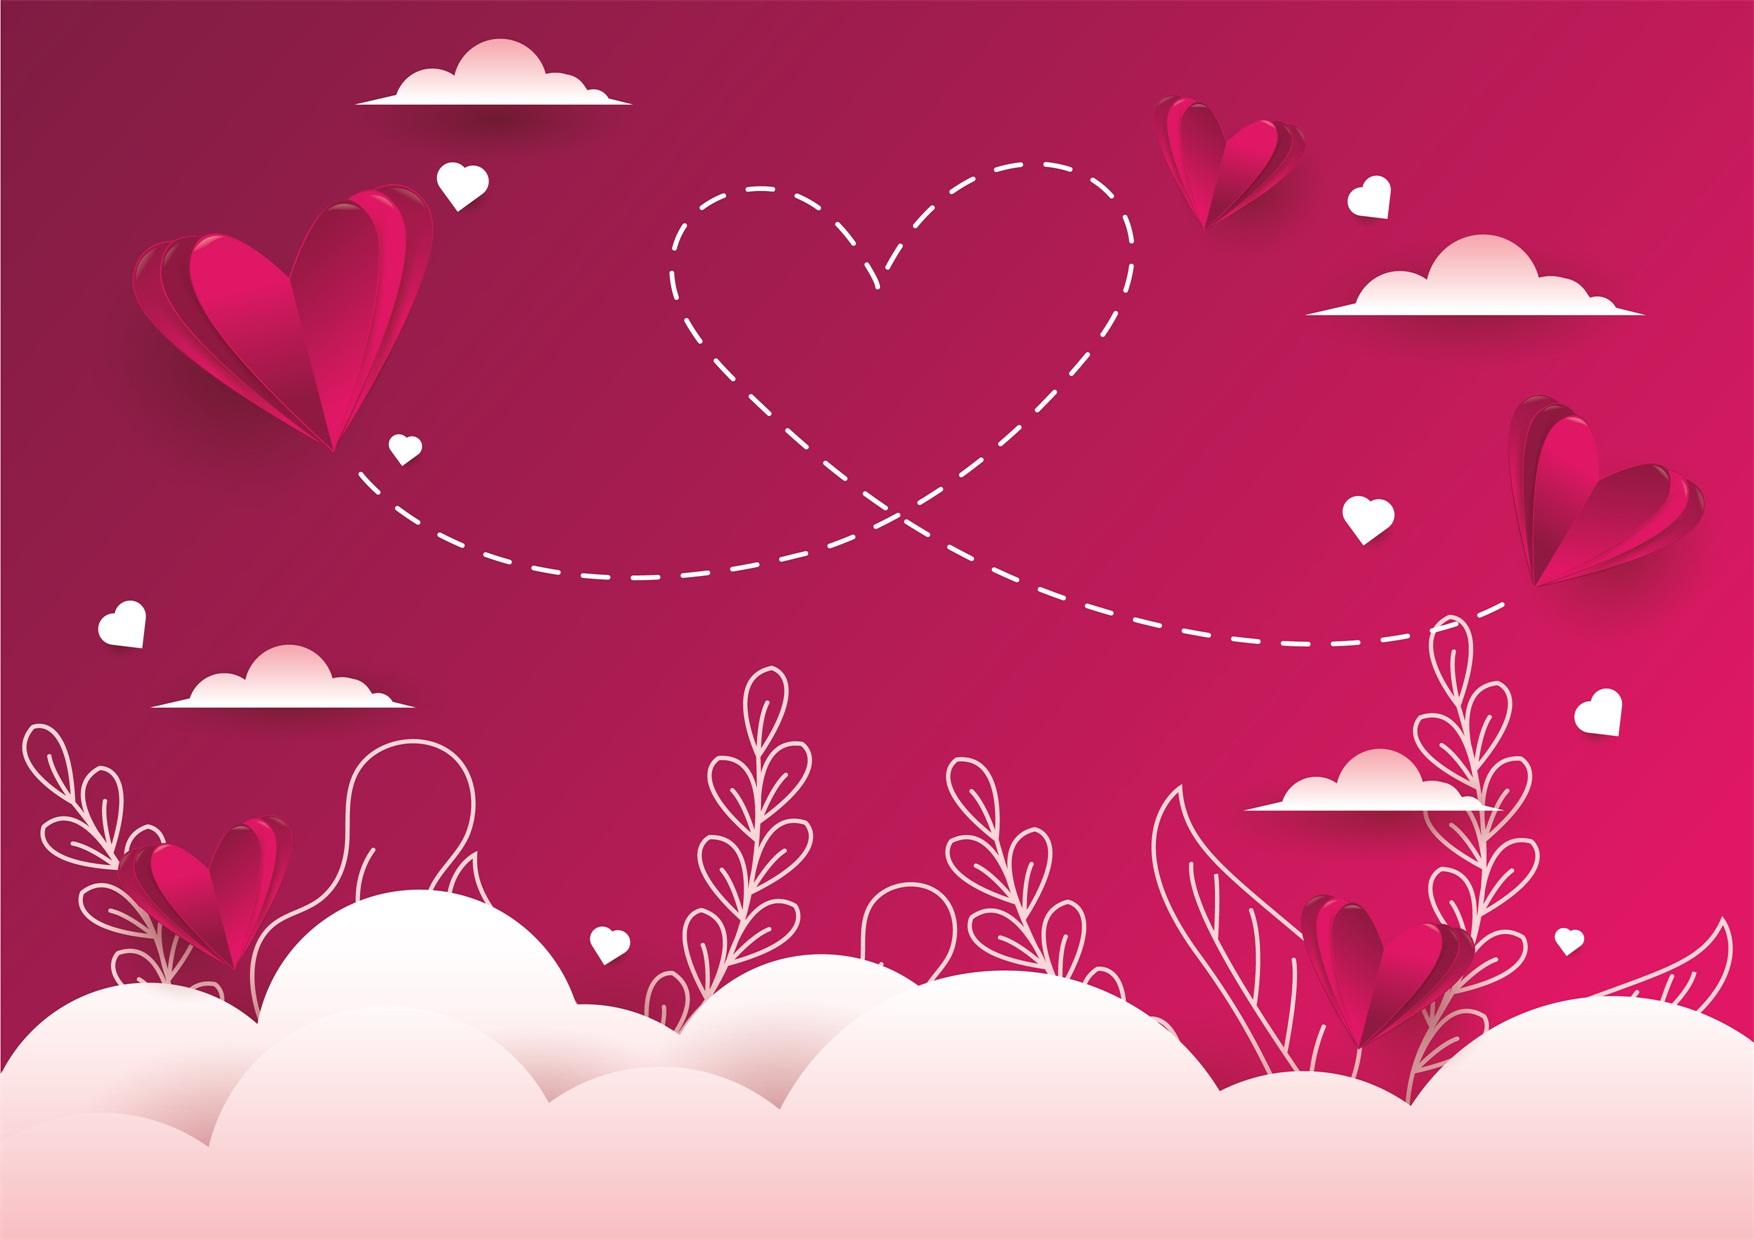 22款情人节七夕节购物促销海报传单设计AI矢量素材 Valentines day Poster Vector Material插图15